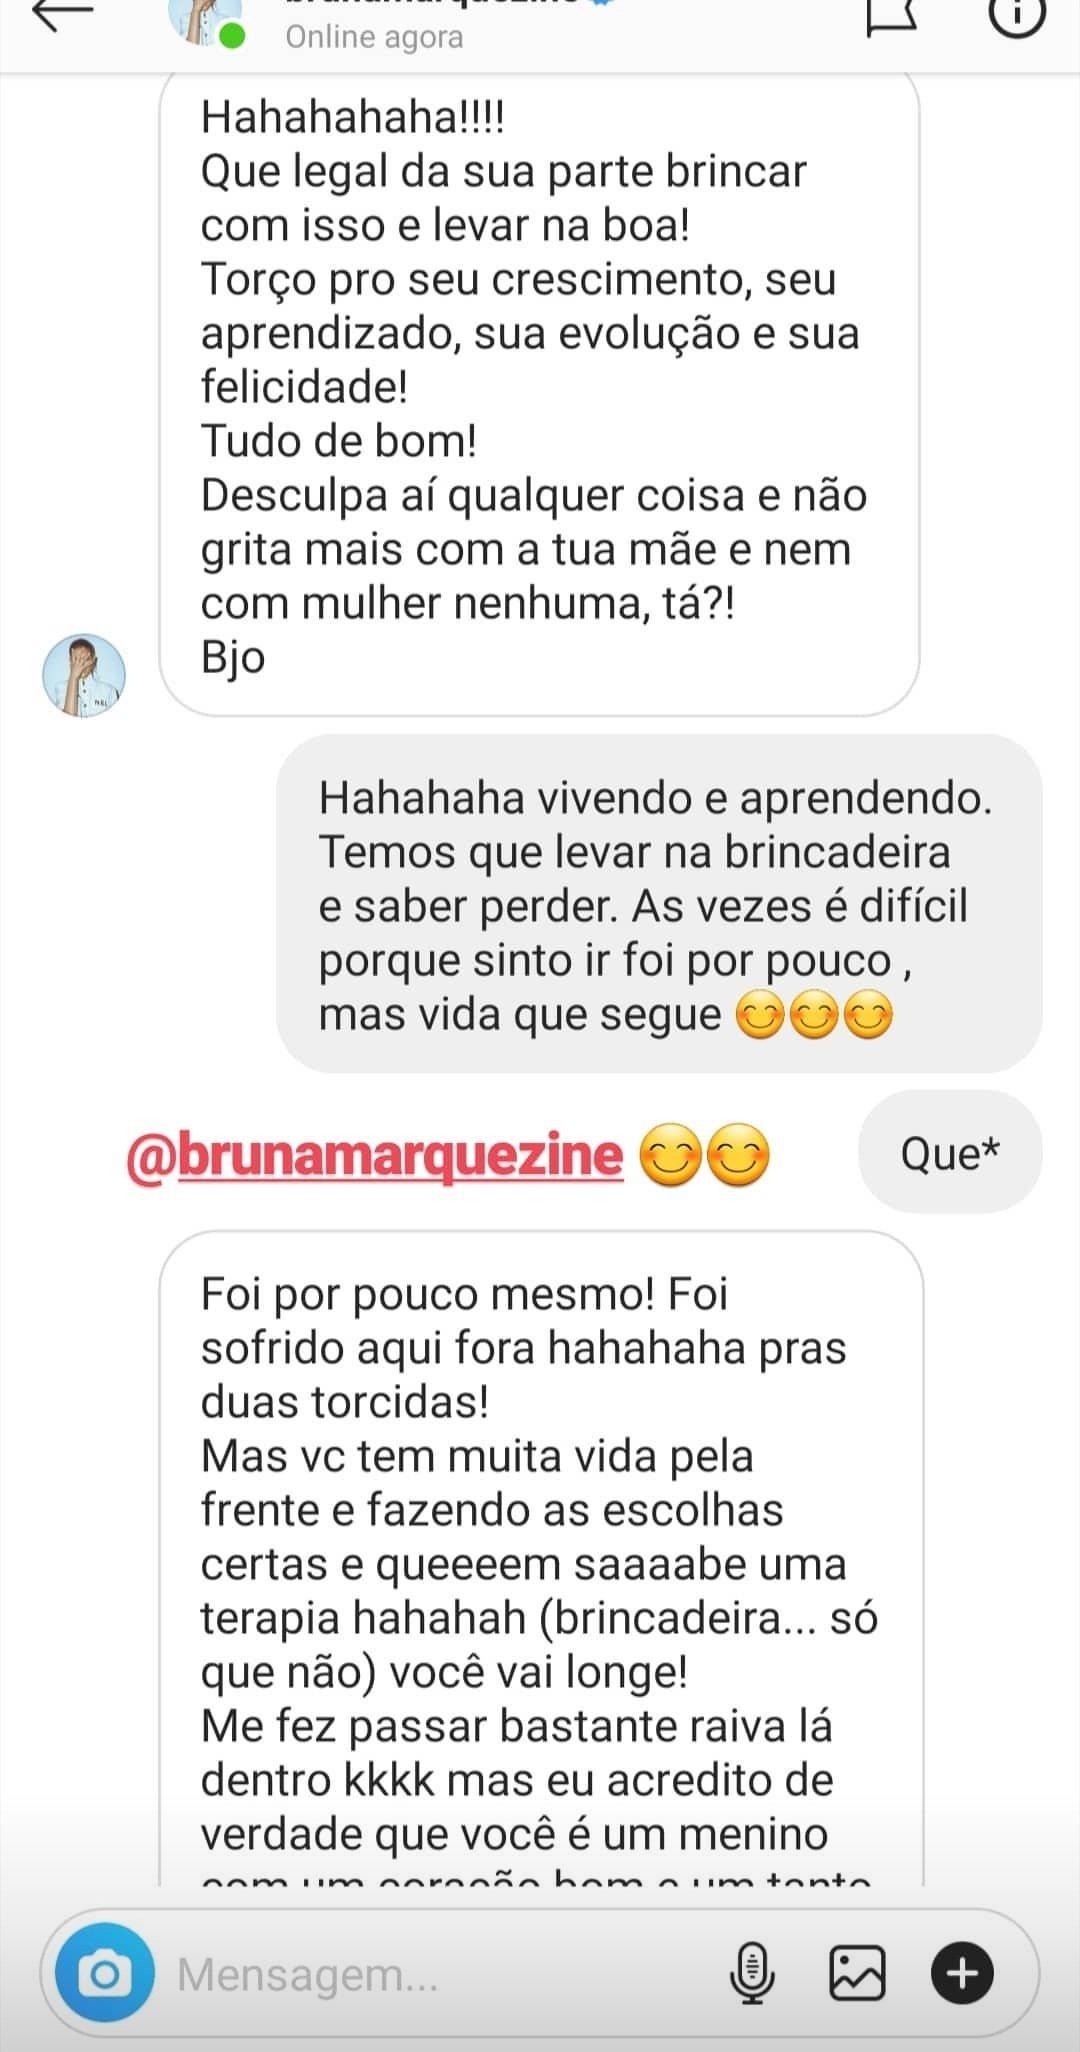 Em seguida, Bruna respondeu: